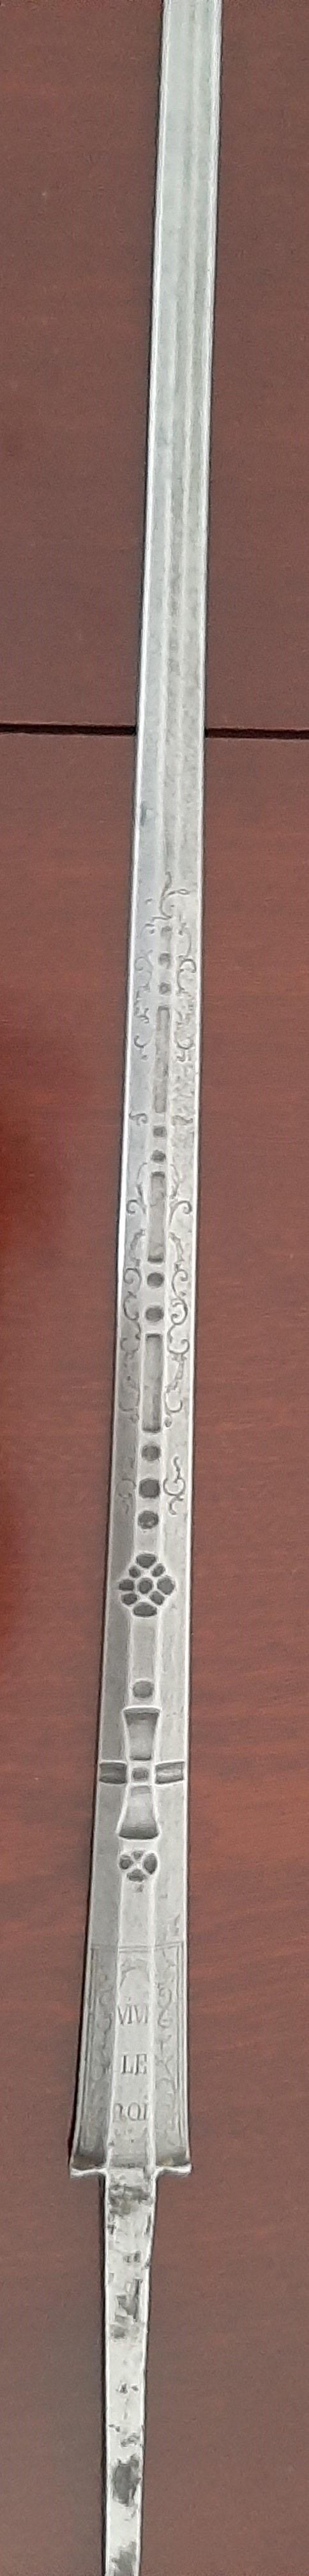 Les armes blanches du royaume de Sardaigne et de Savoie. - Page 5 Sarde710